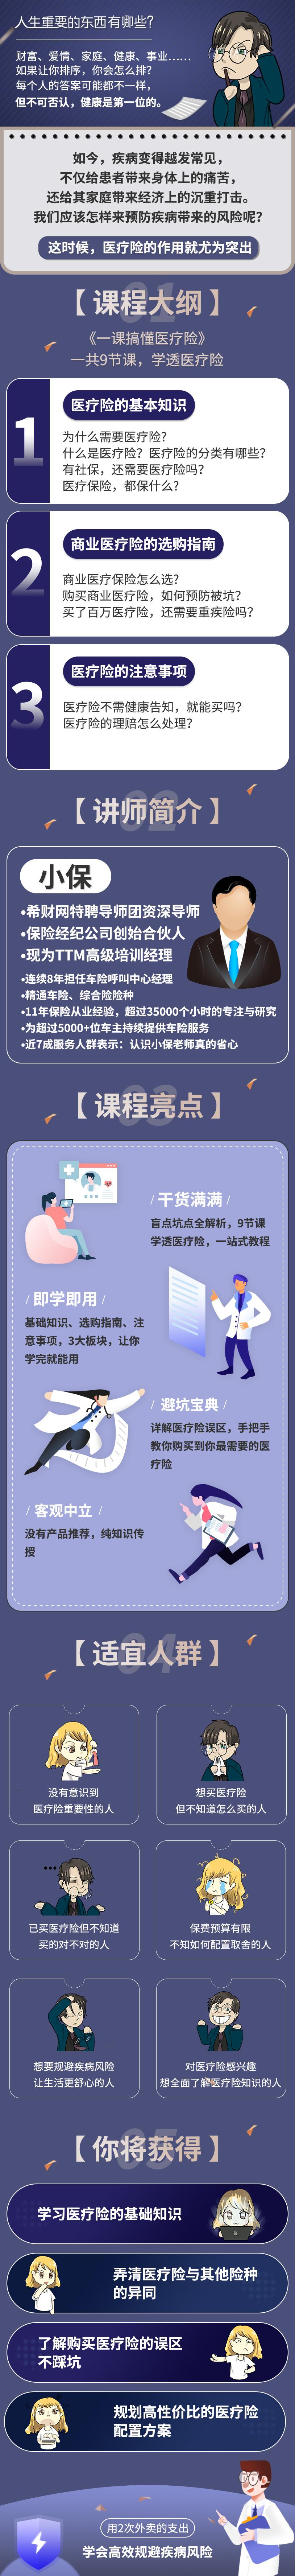 一课搞懂医疗险(7)(1).jpg